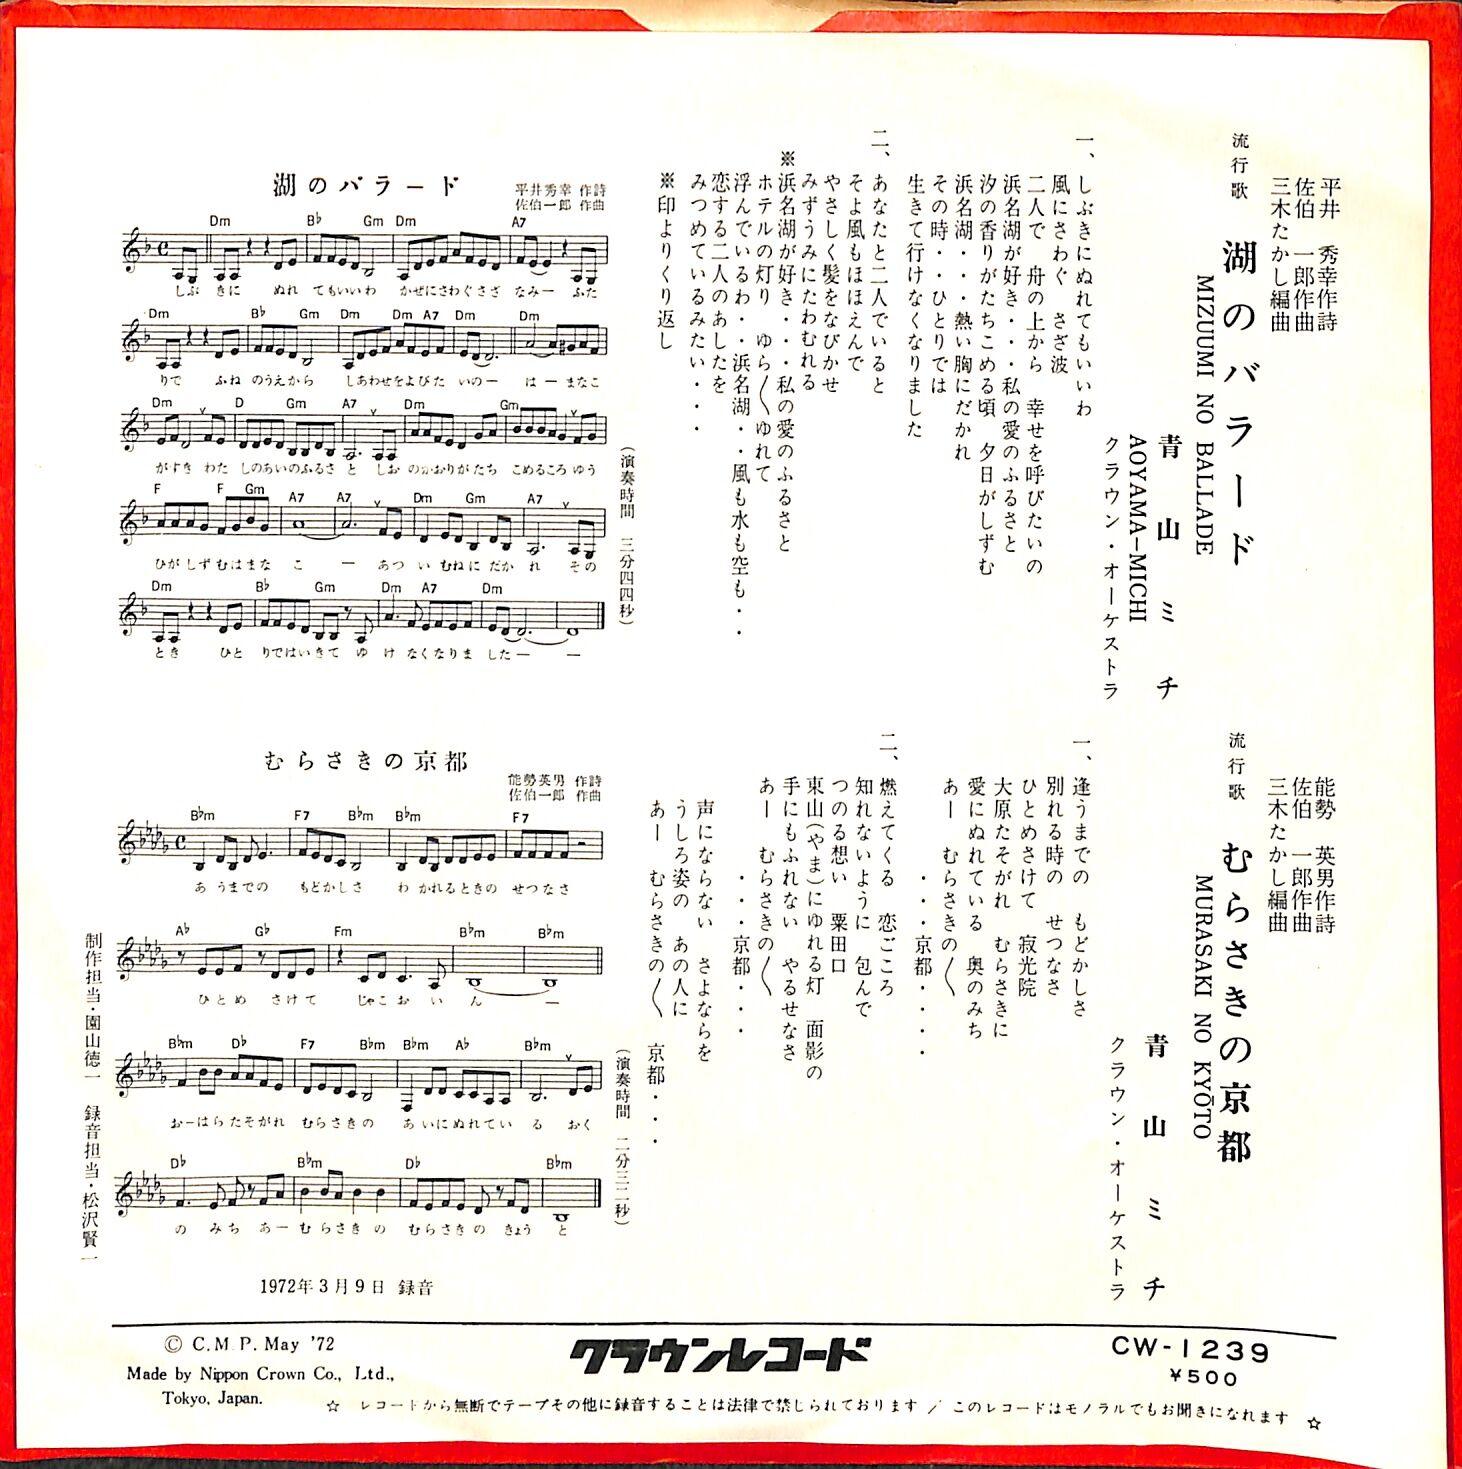 https://p1-e6eeae93.imageflux.jp/booksch/04f705bcd91ff8adcdb2.jpg